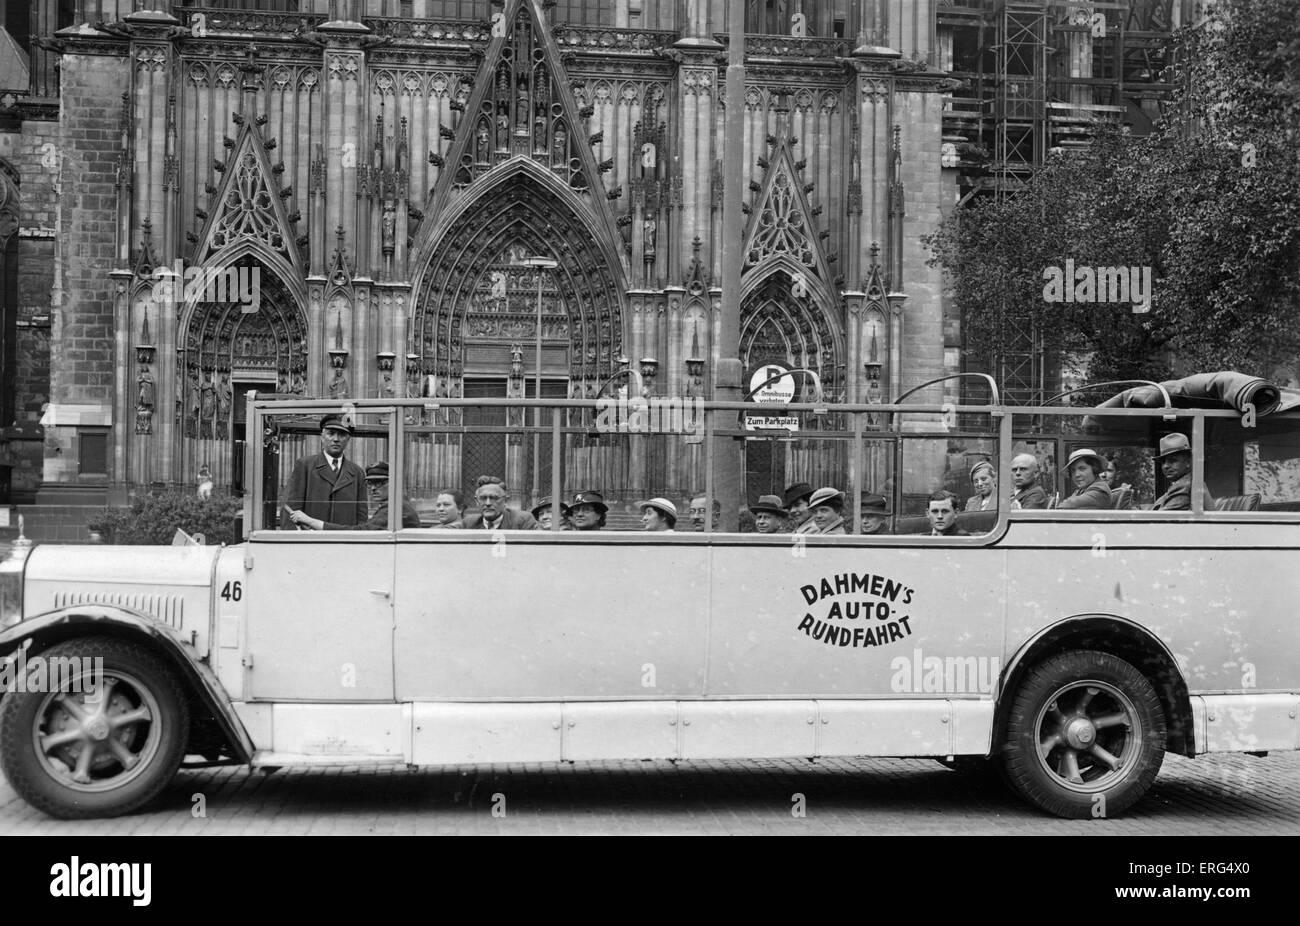 Cologne, Germany, c. 1930s. Dahmen's Auto Rundfahrt (Dahmen's Tour Bus). Postcard stamped 28/05/1935. - Stock Image